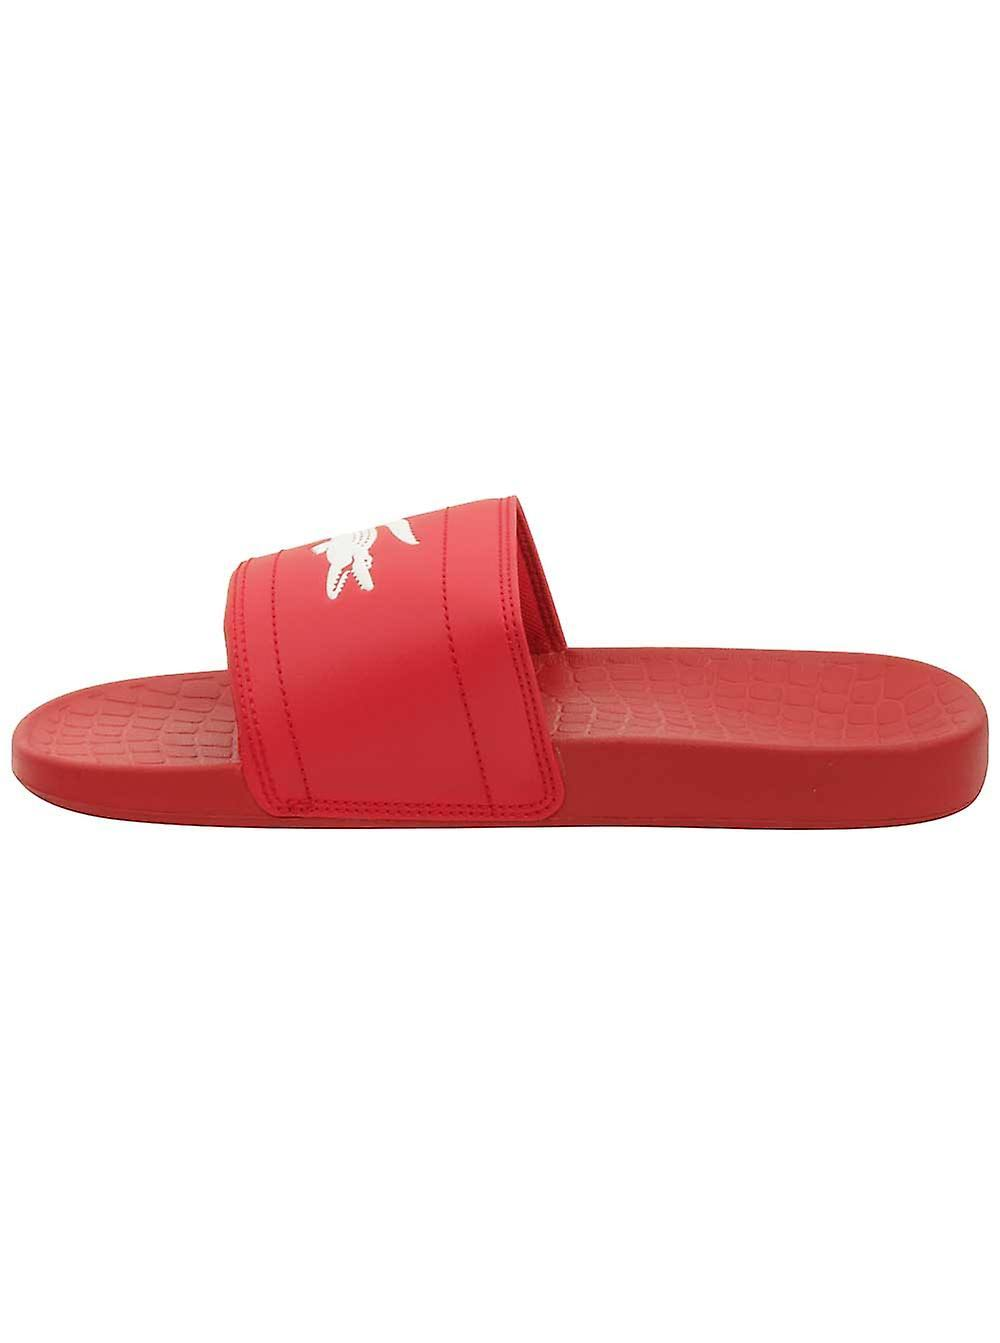 Rot Slide Lacoste Weiß Fraisier 118 Sandal Herren 10 wvwAzXPq